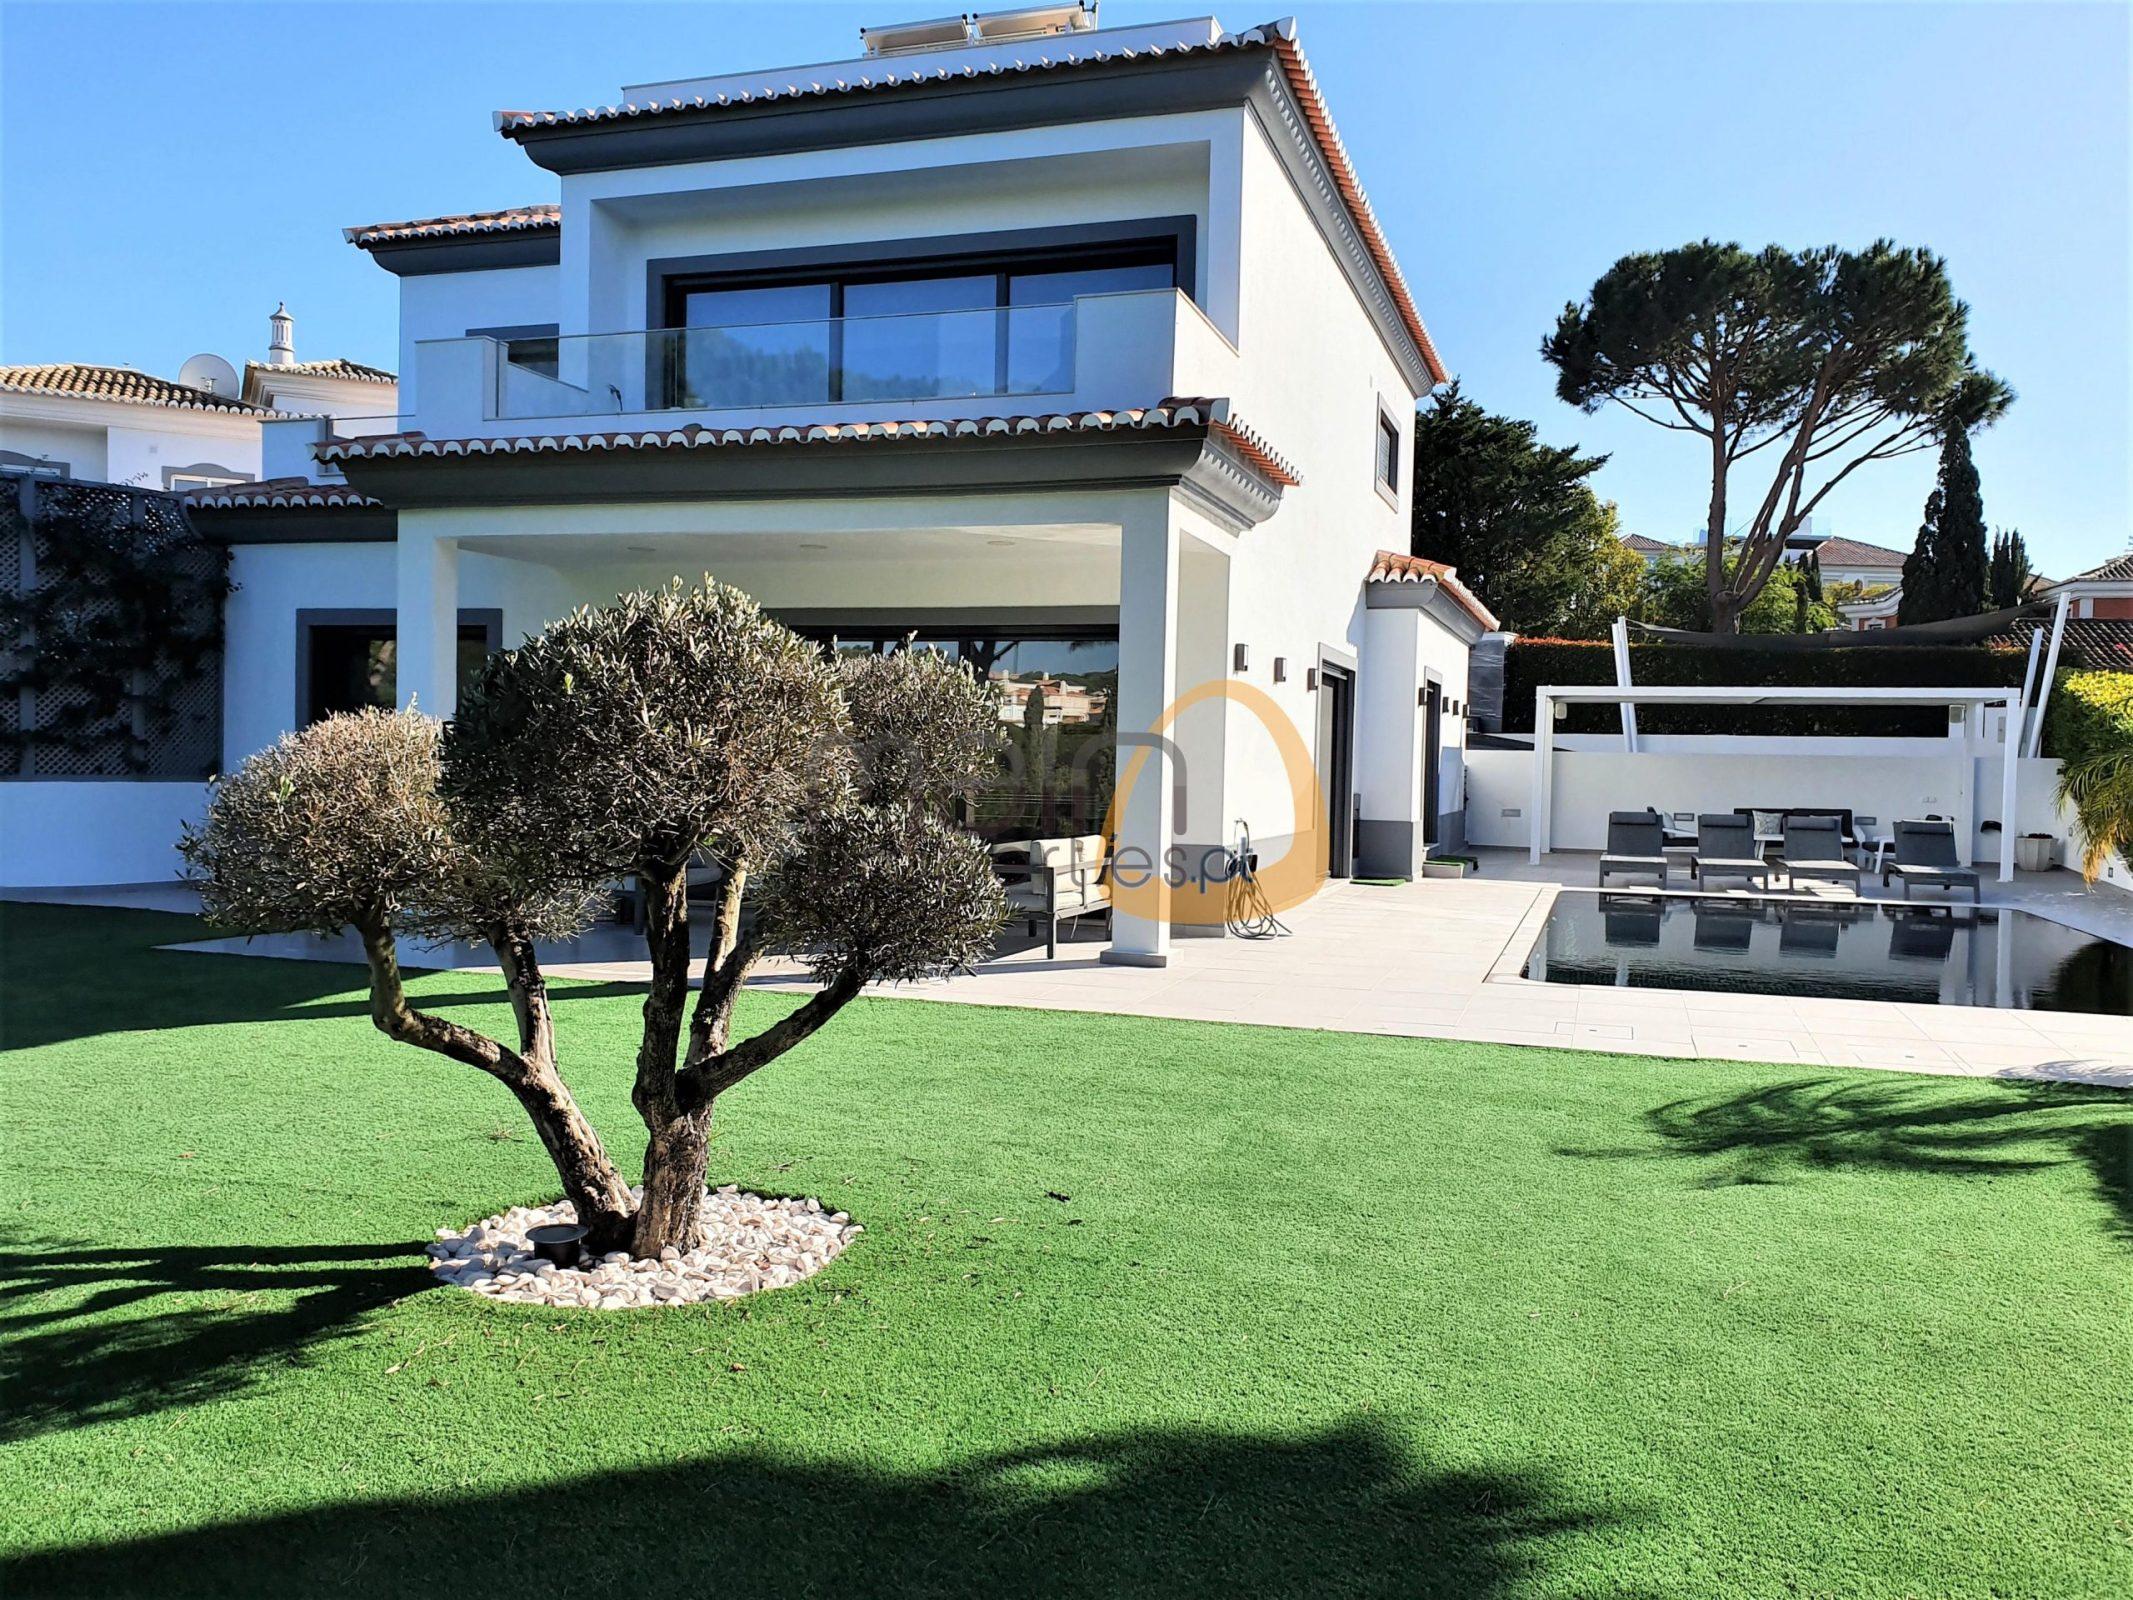 Moradia com 4 quartos frente golfe em Vale do Lobo :: MP145_GH